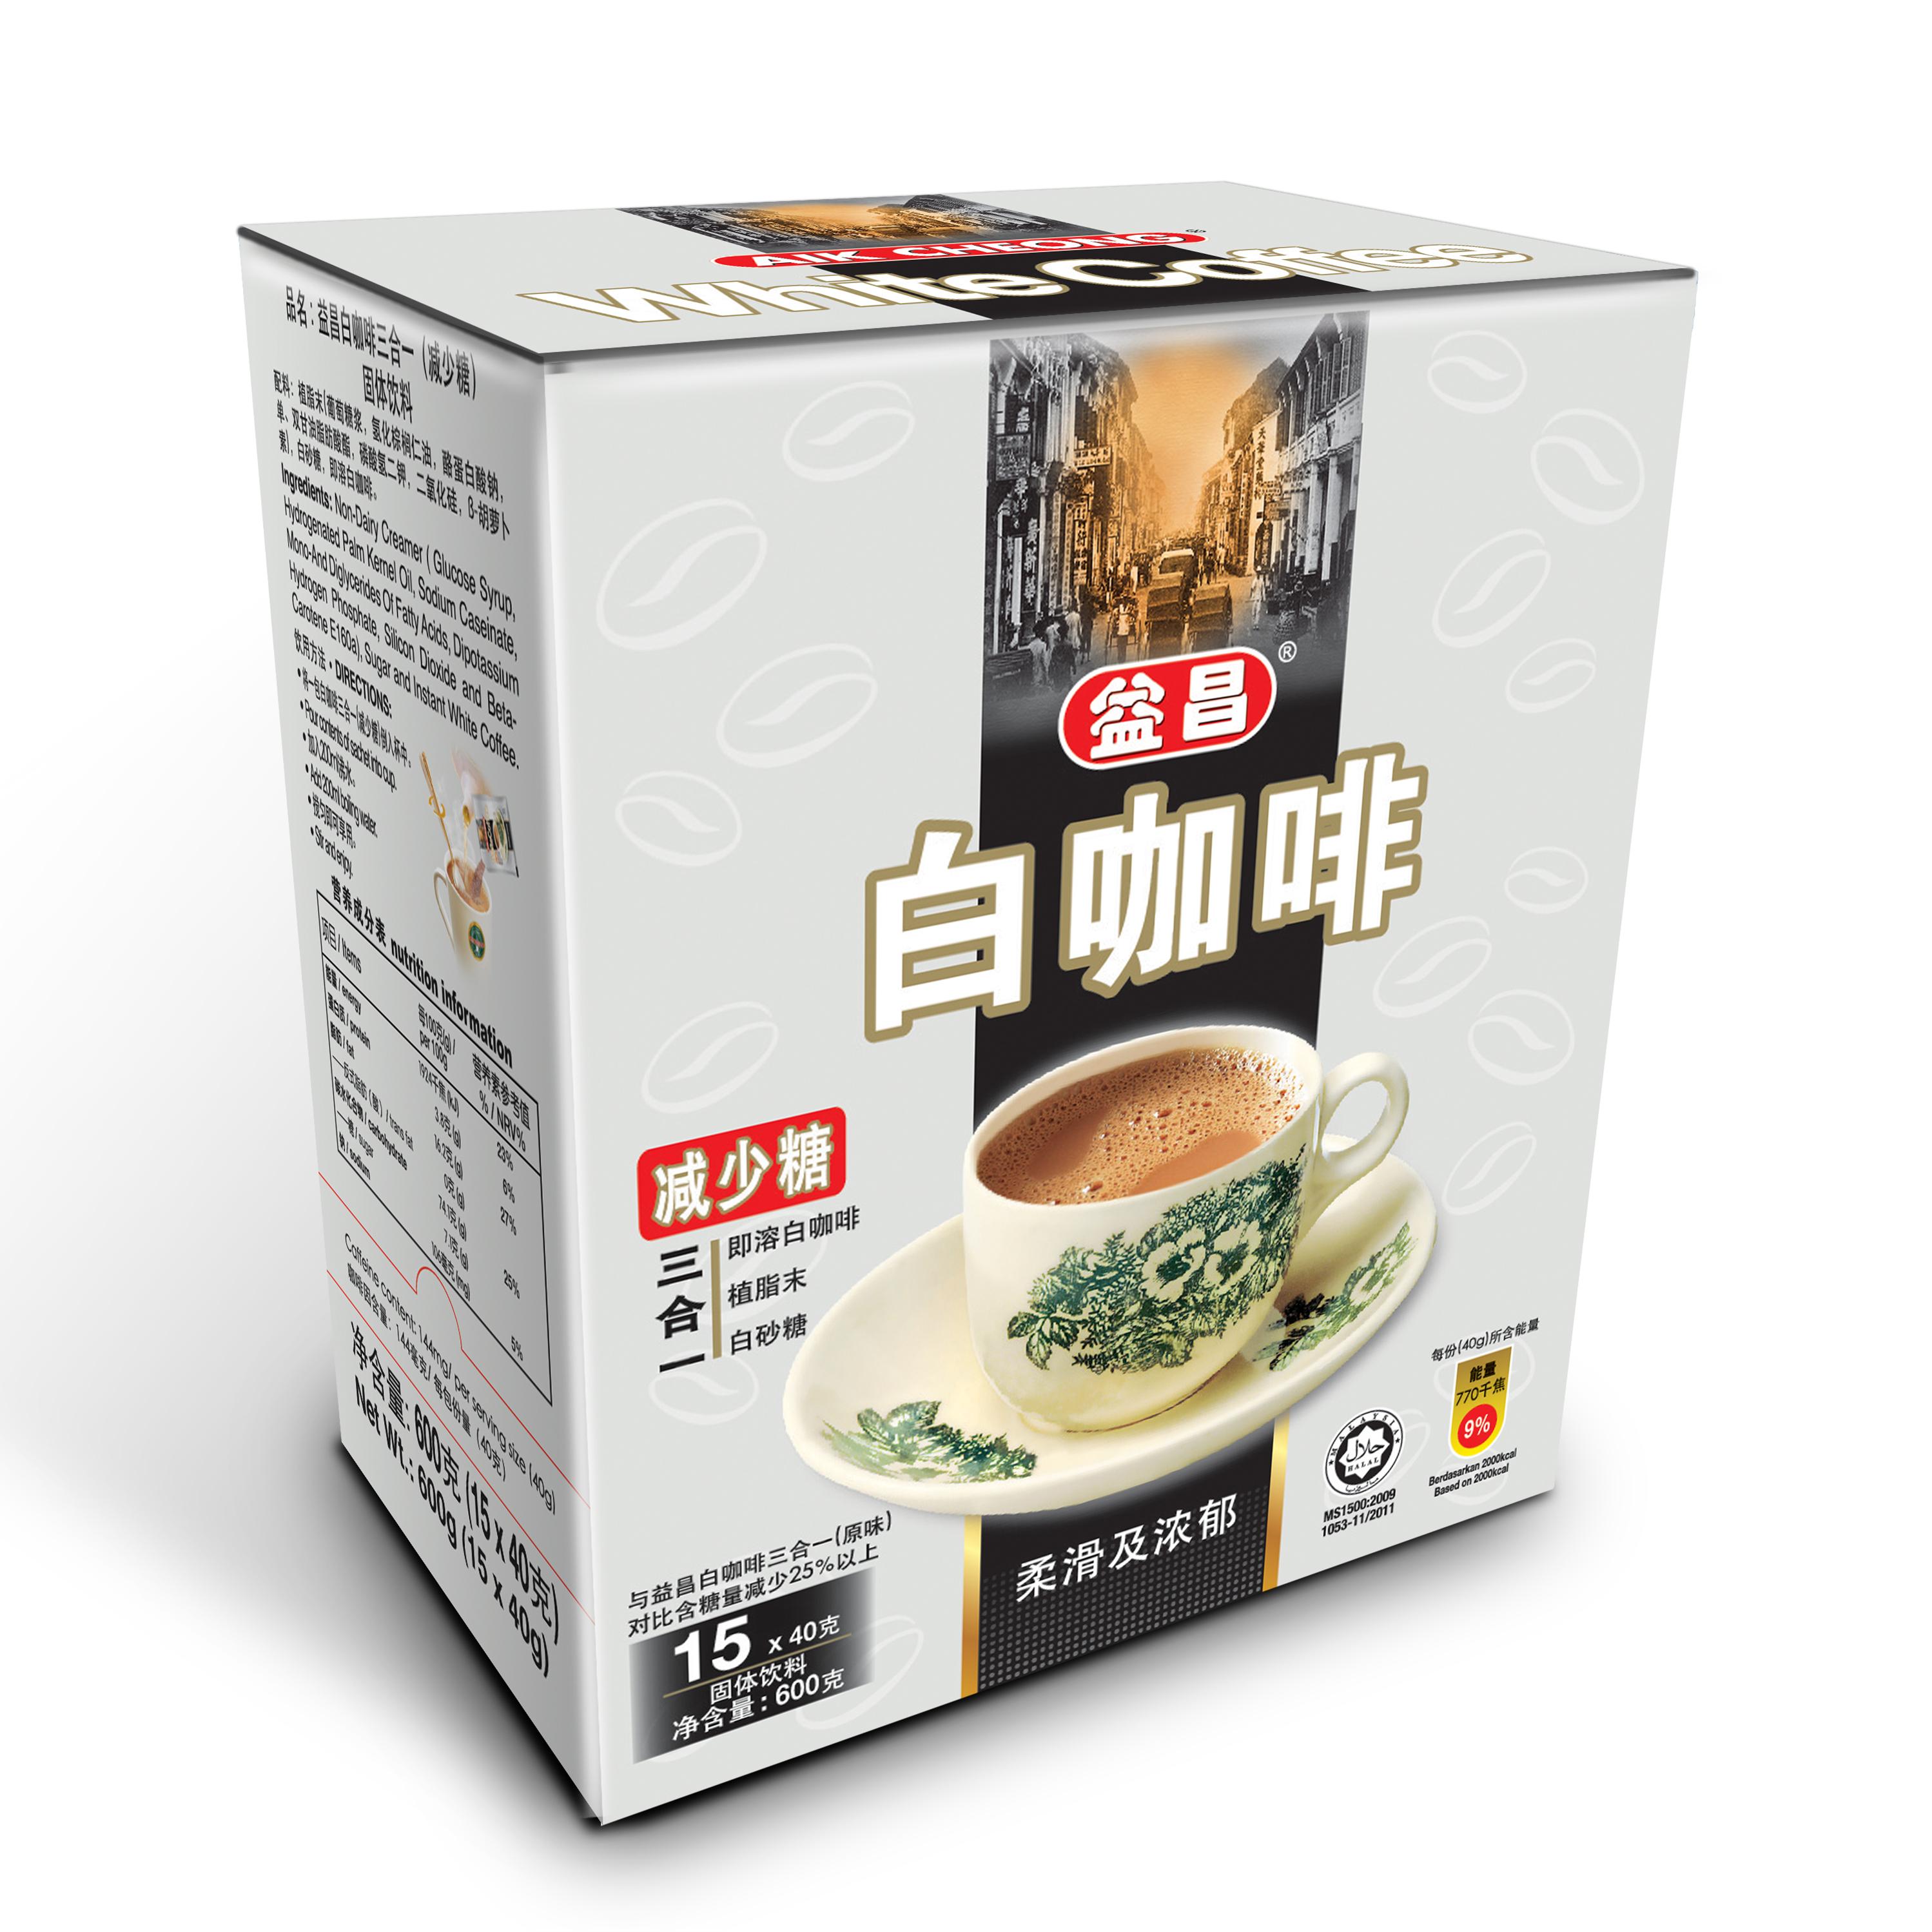 益昌三合一白咖啡(减少糖)